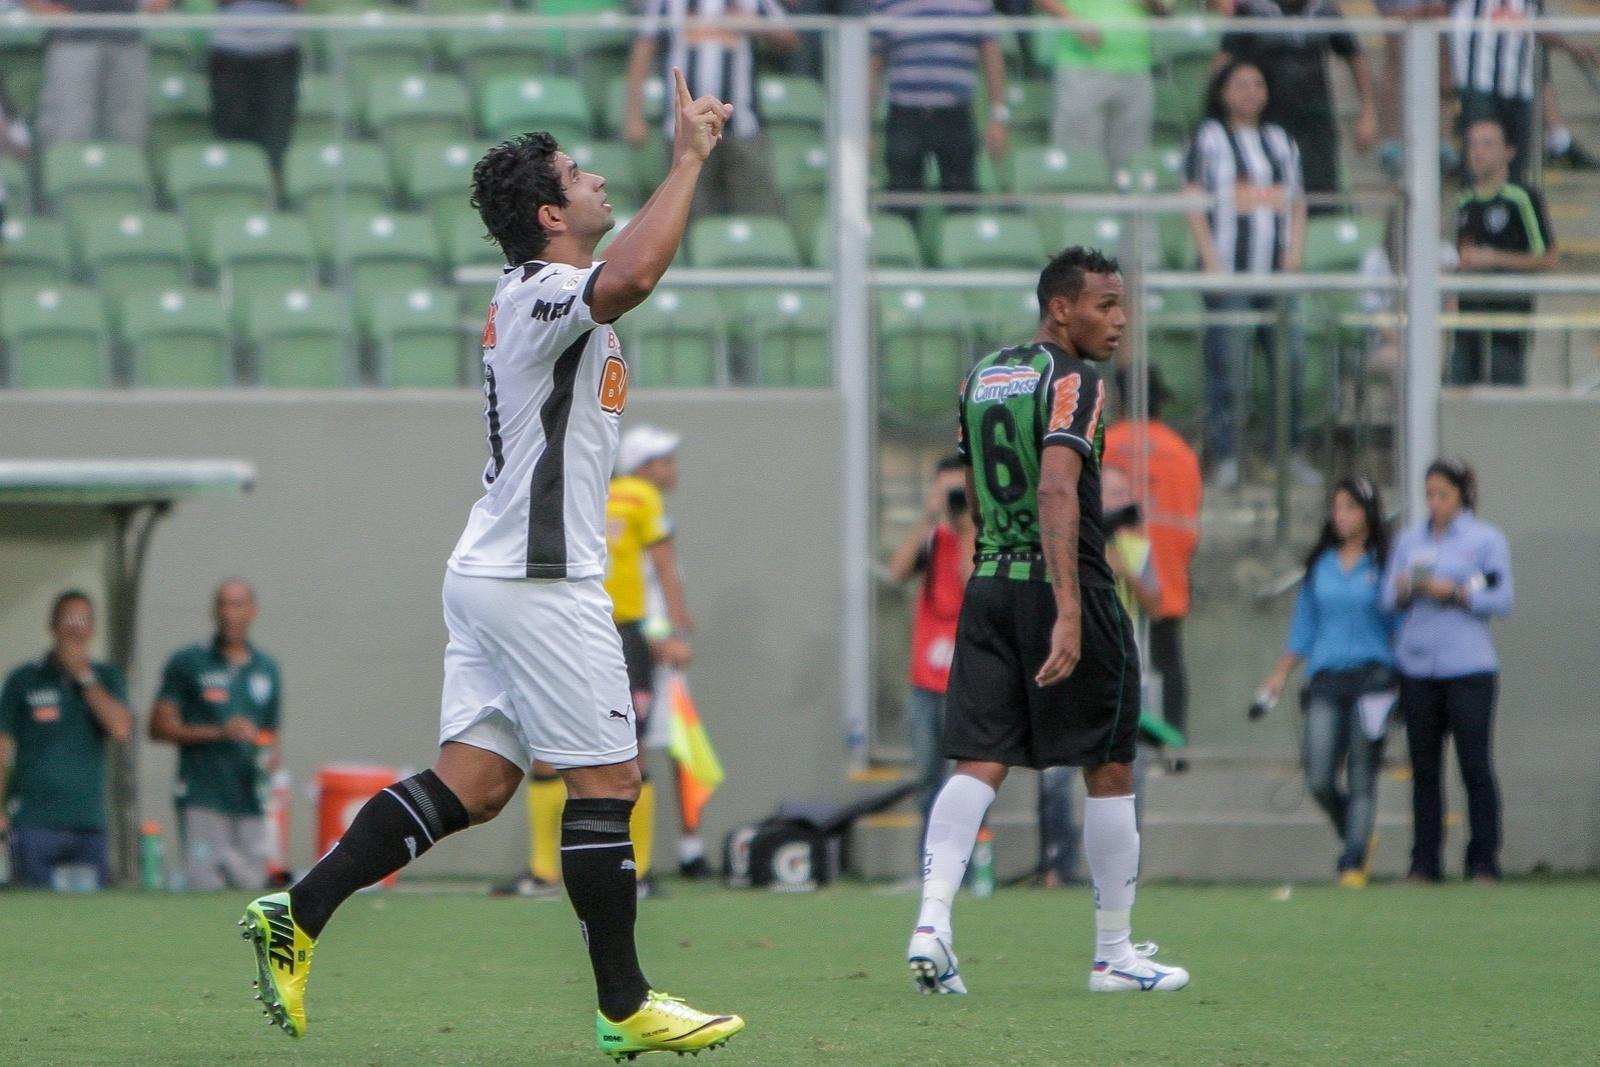 23 mar 2014 - Guilherme substituiu a Ronaldinho Gaúcho contra o América e agrada a parte da torcida que quer sua permanência no time